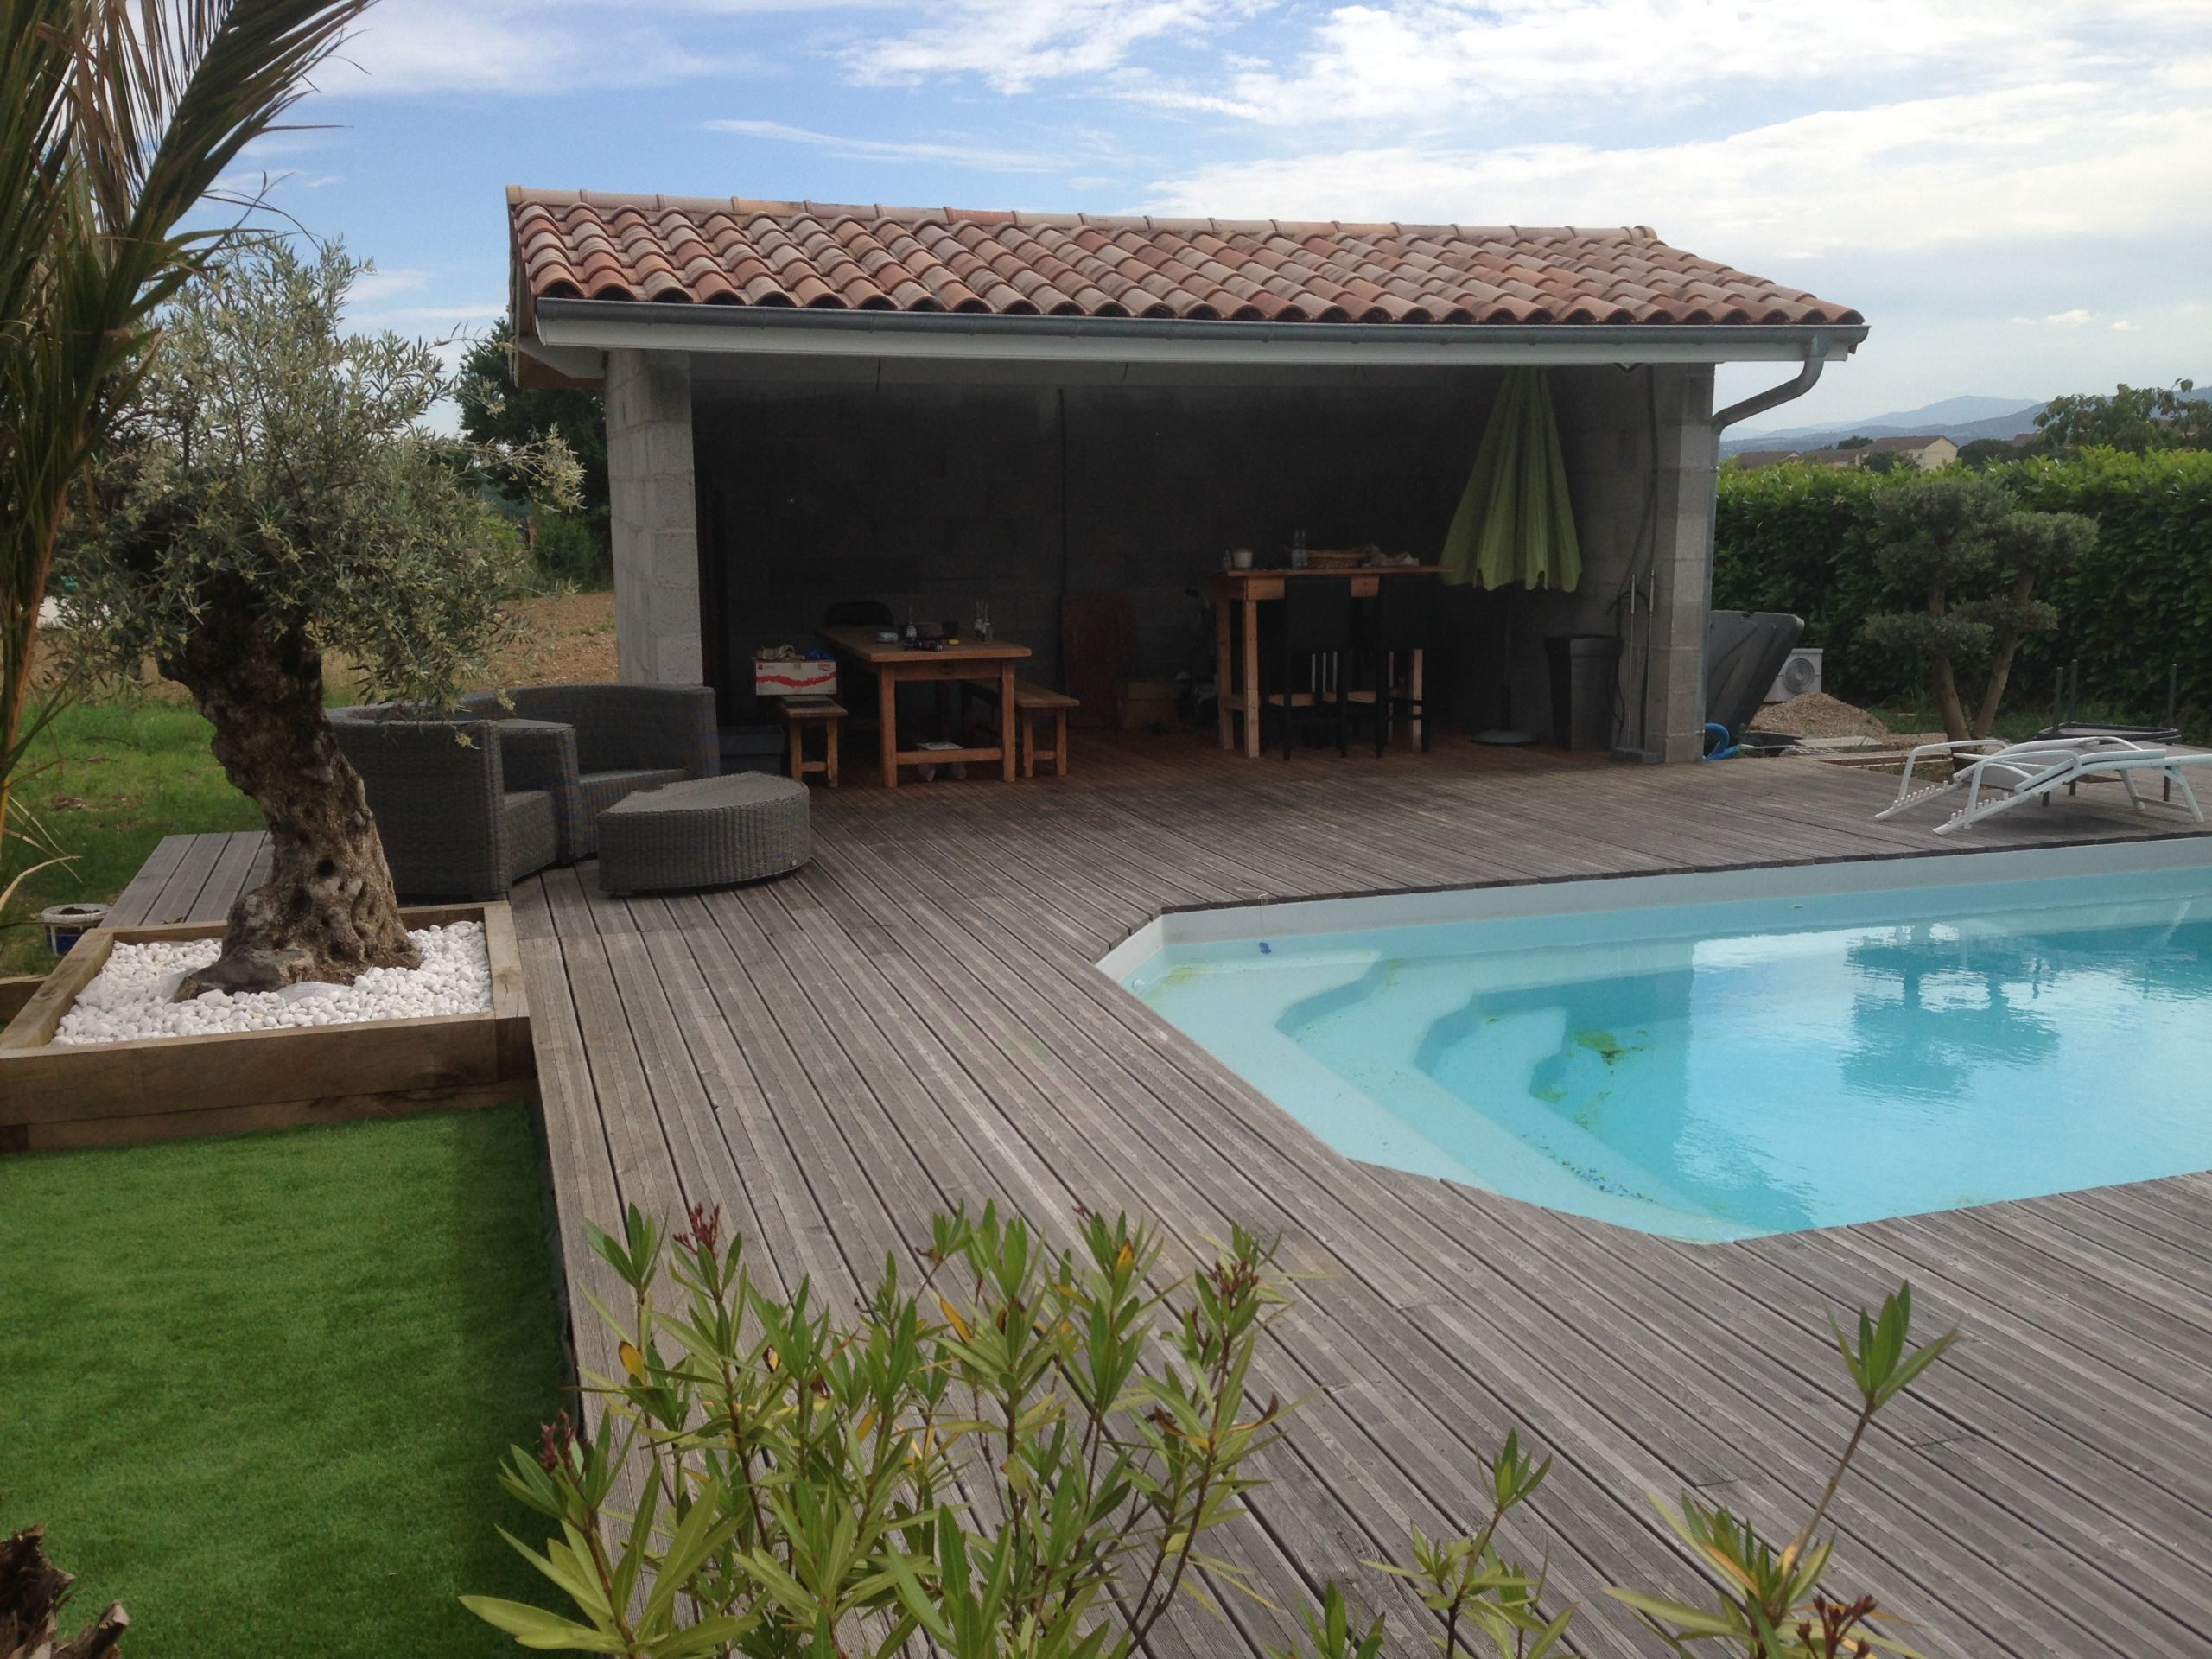 Piscine En Pierre Hors Sol amenagement terrasse piscine amenagement piscine exterieur